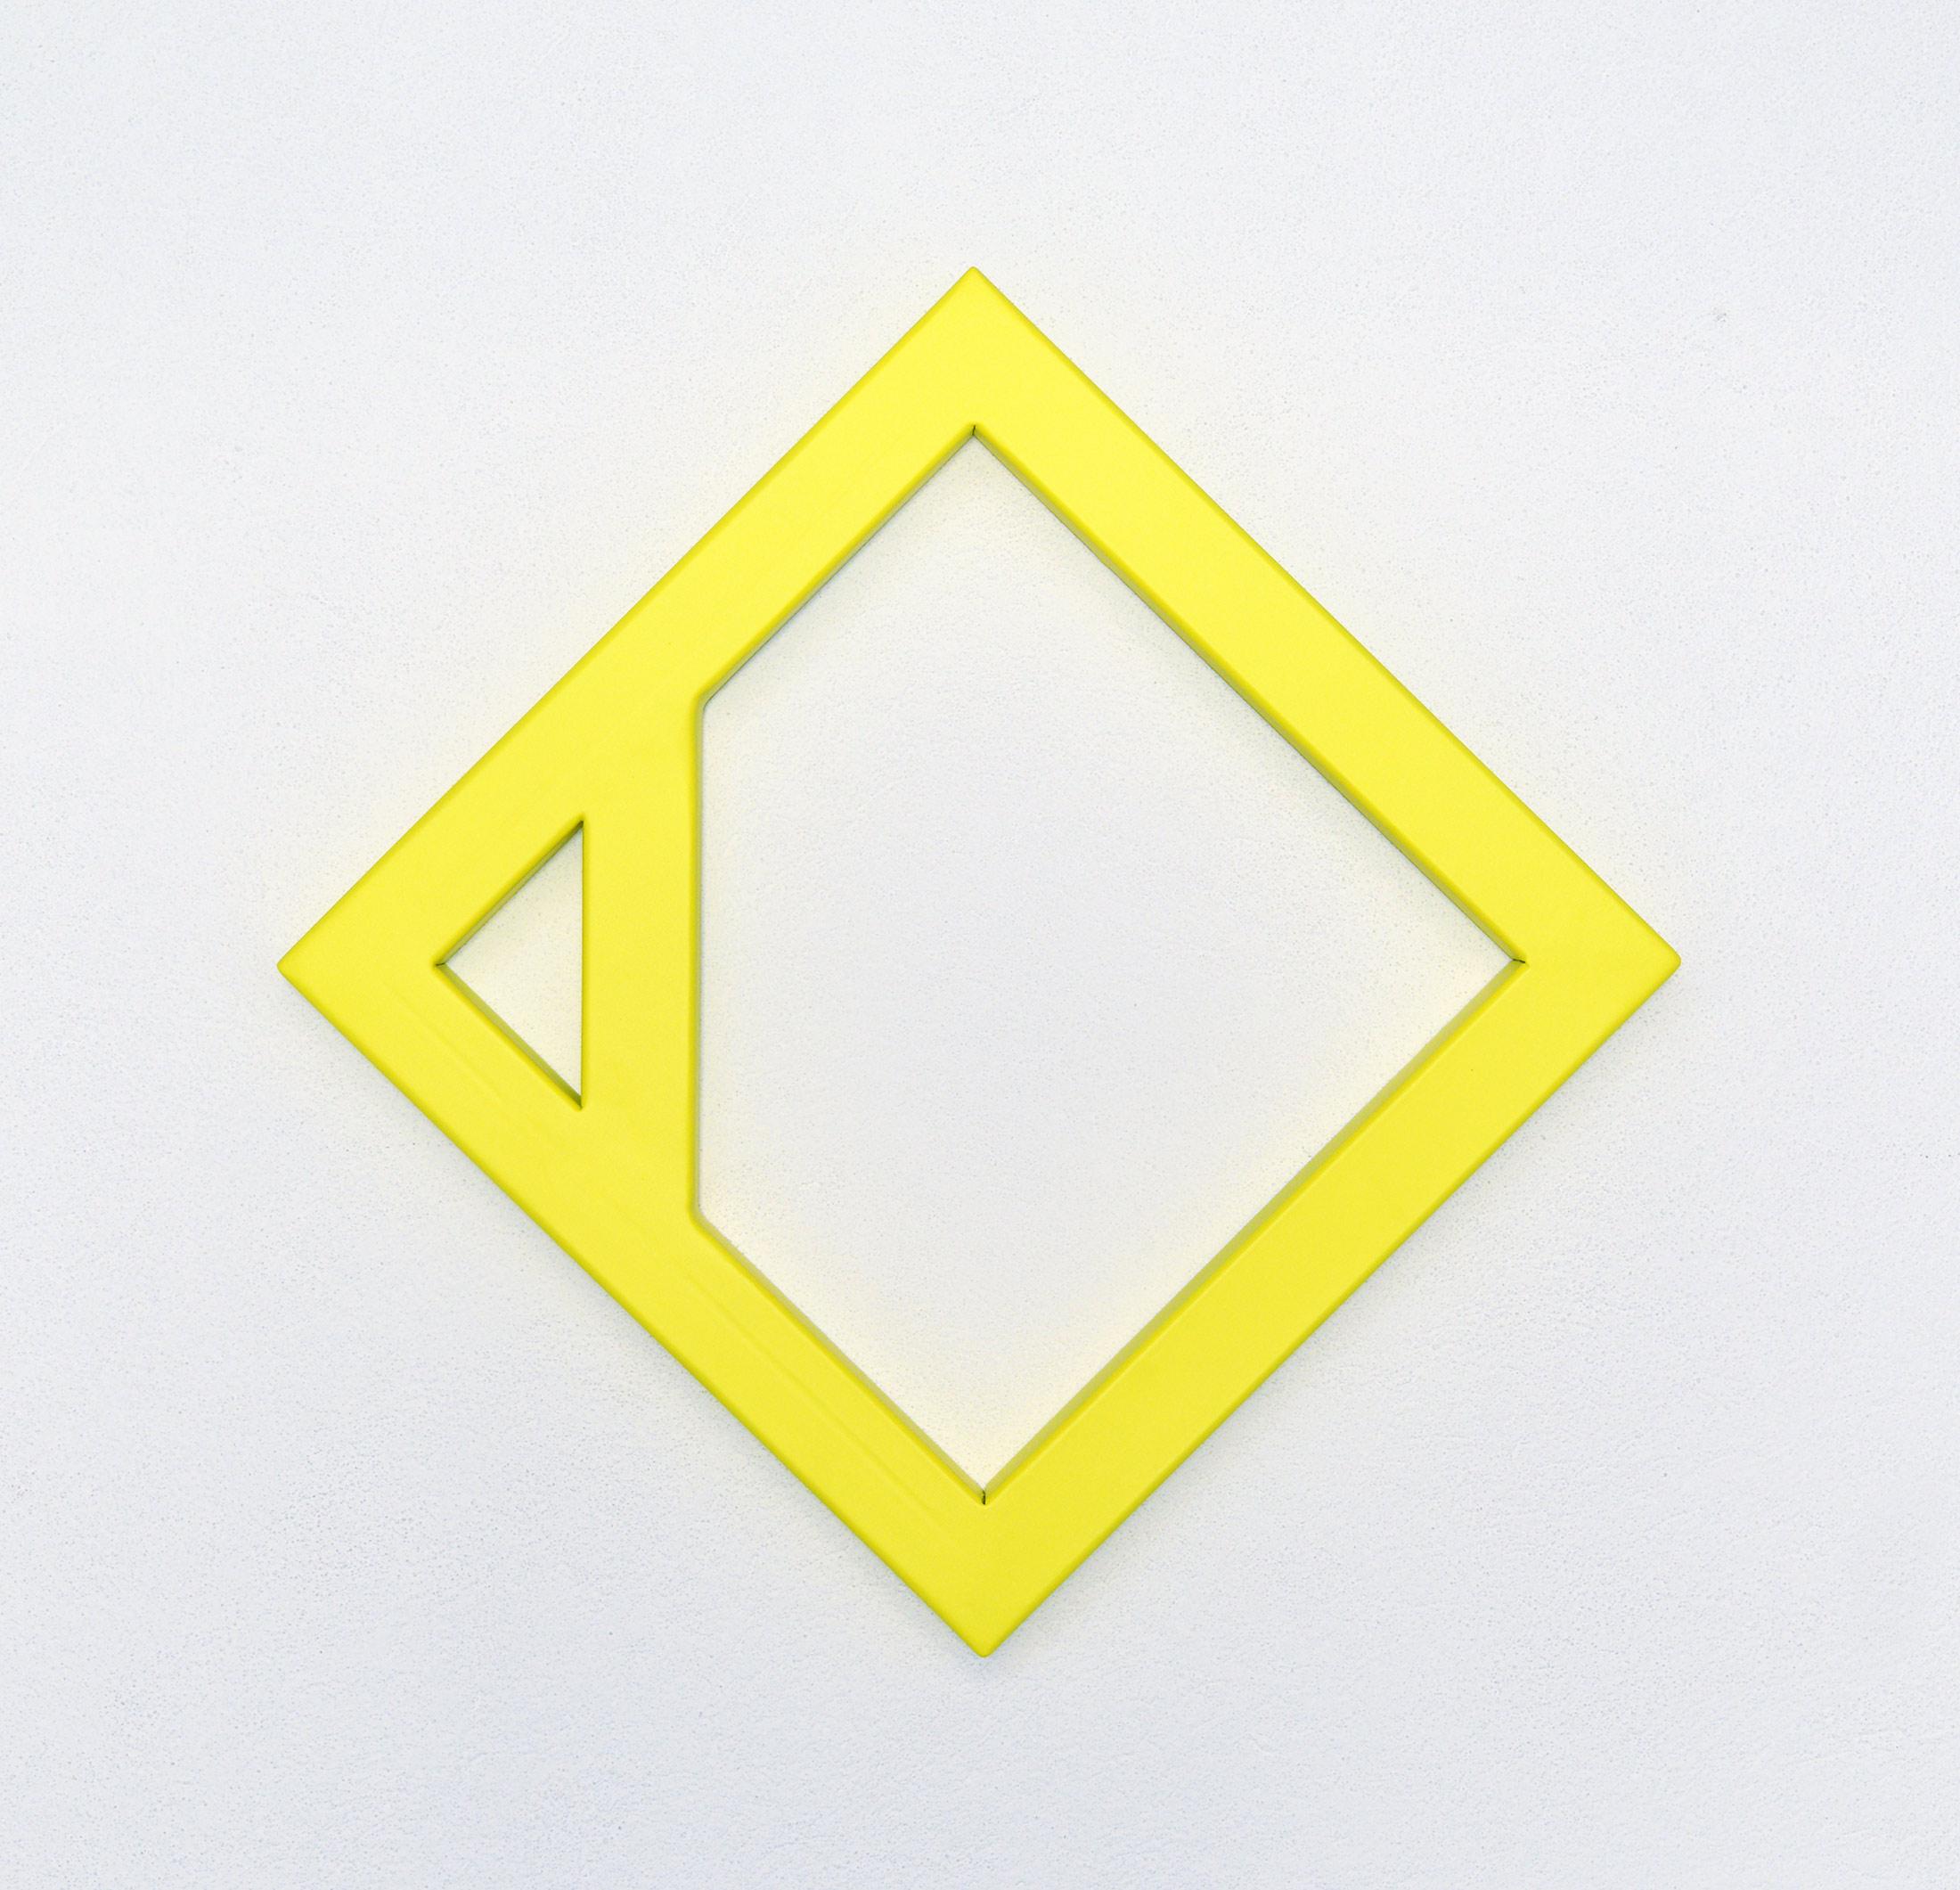 emanuel ehgartner, yellow steel sculpture, varnish, available origianl work